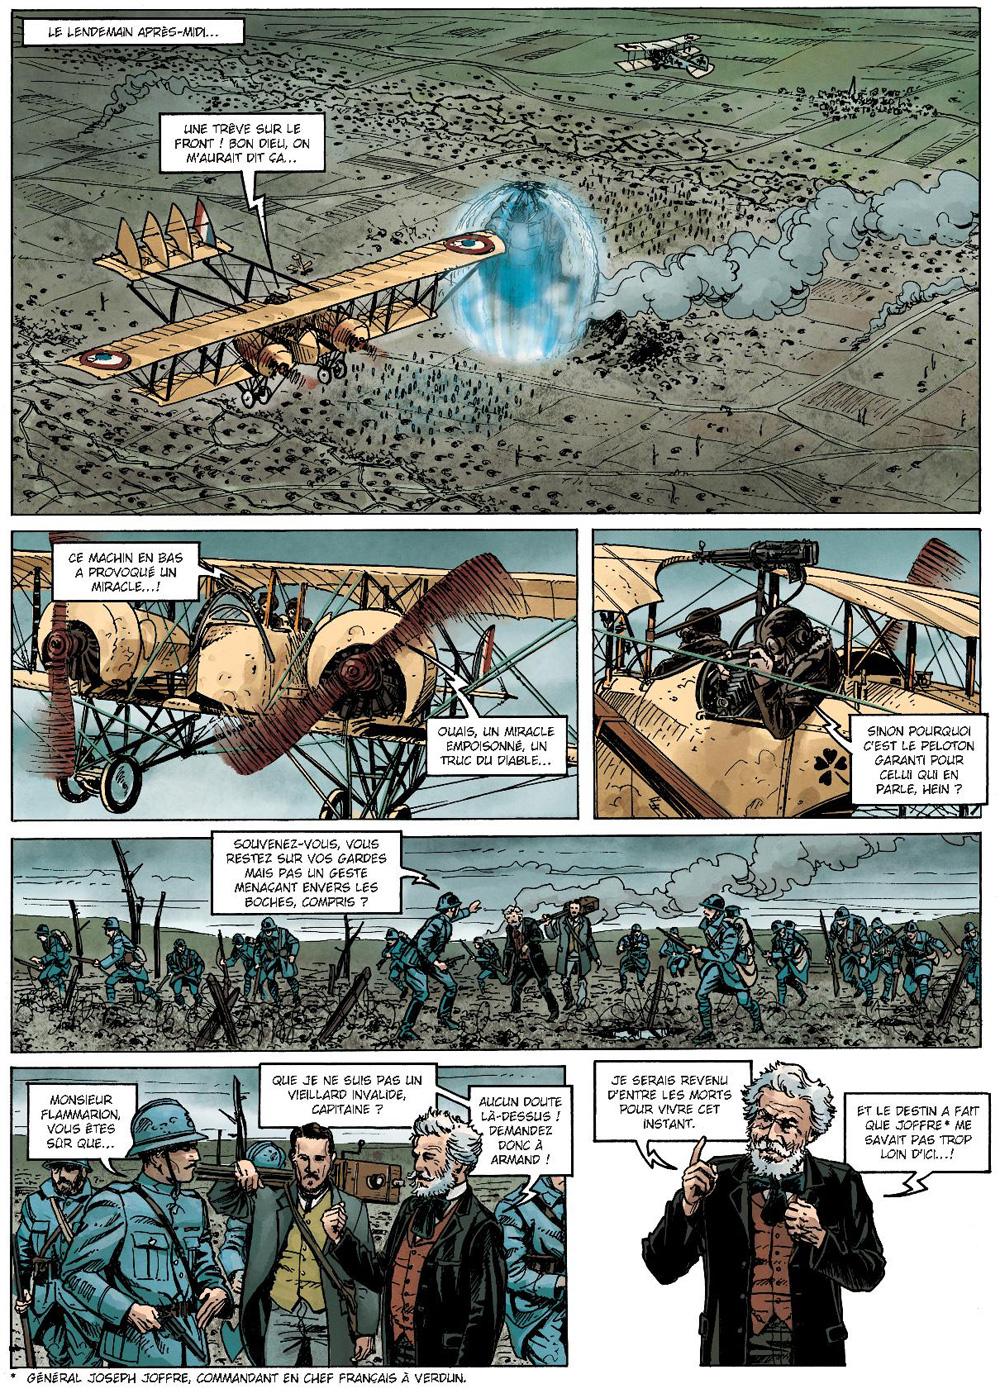 La Grande Guerre Des Mondes : grande, guerre, mondes, Grande, Guerre, Mondes, Wells, Tranchées, Cases, D'histoire